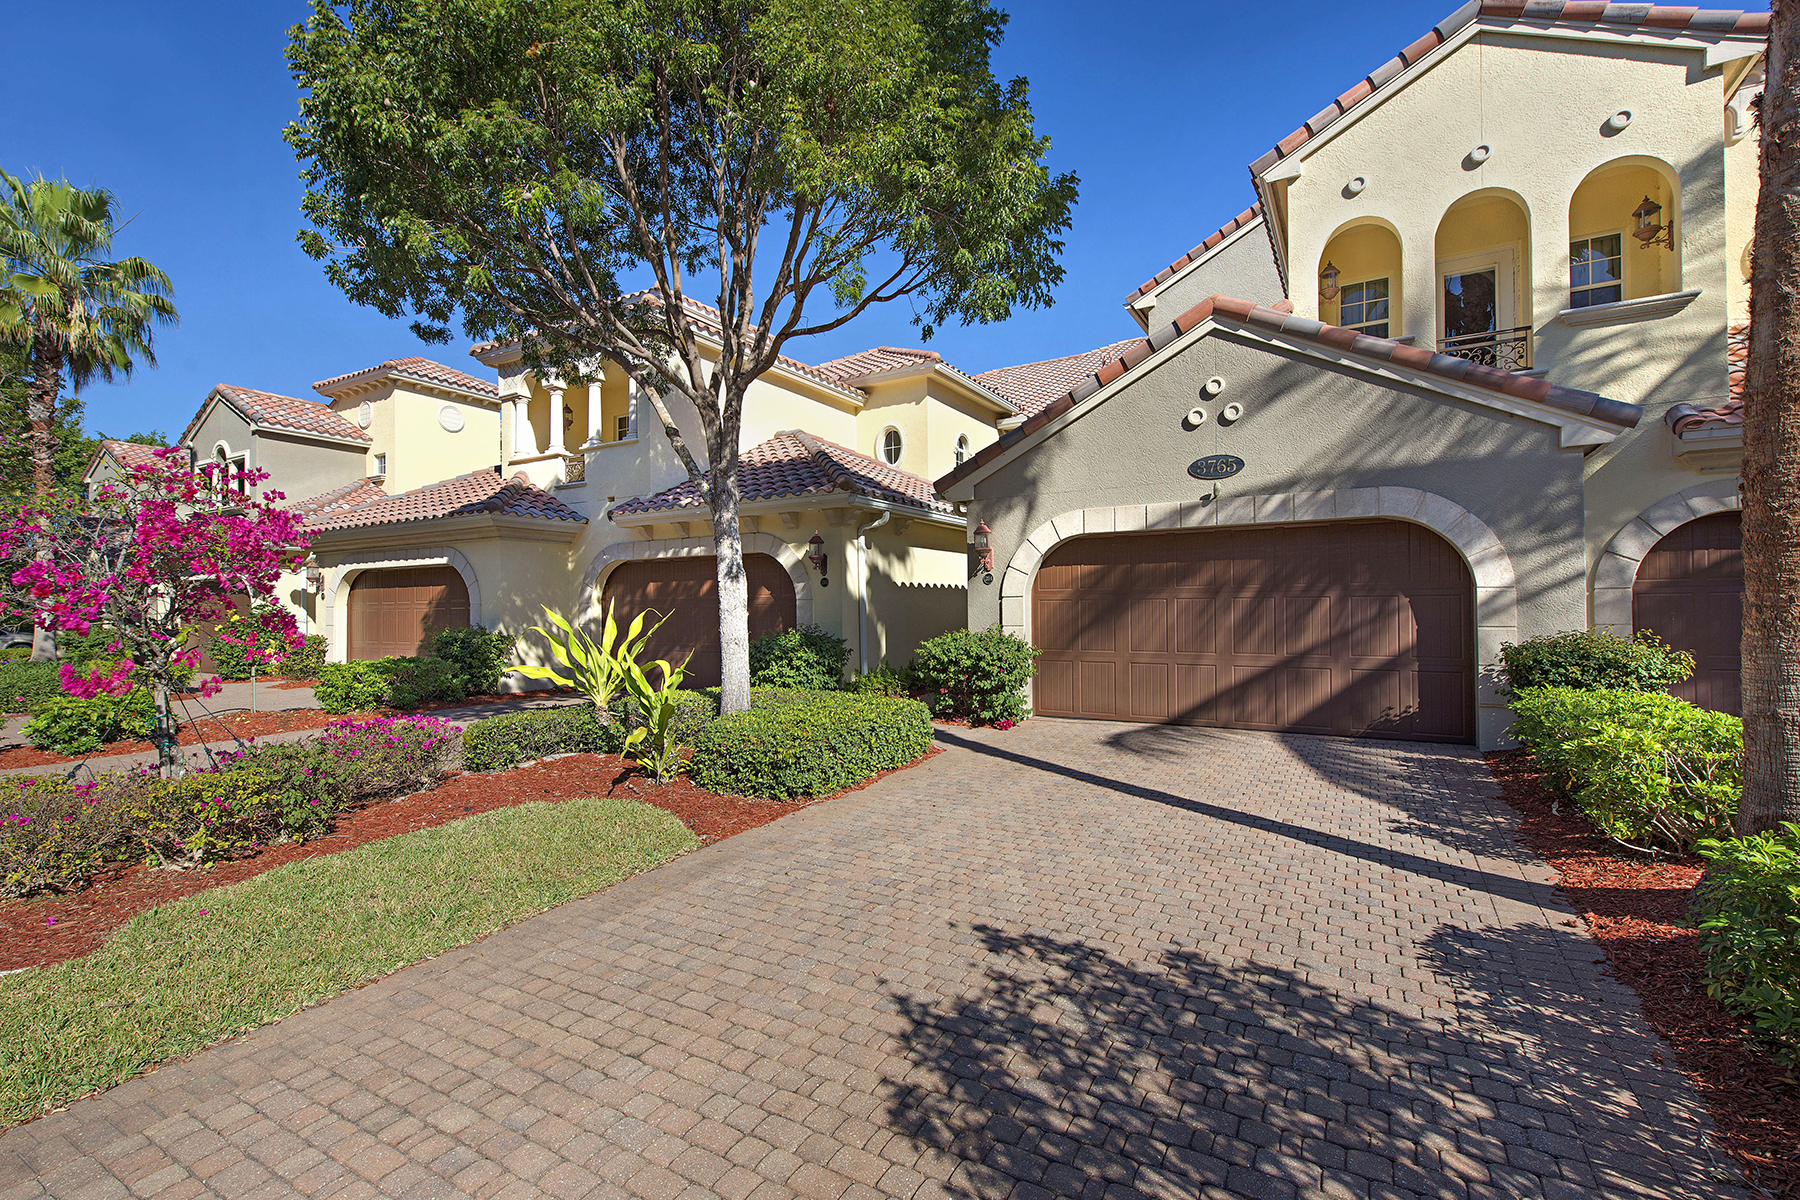 Кондоминиум для того Продажа на Montreaux 3765 Montreux Ln 204 Naples, Флорида, 34114 Соединенные Штаты